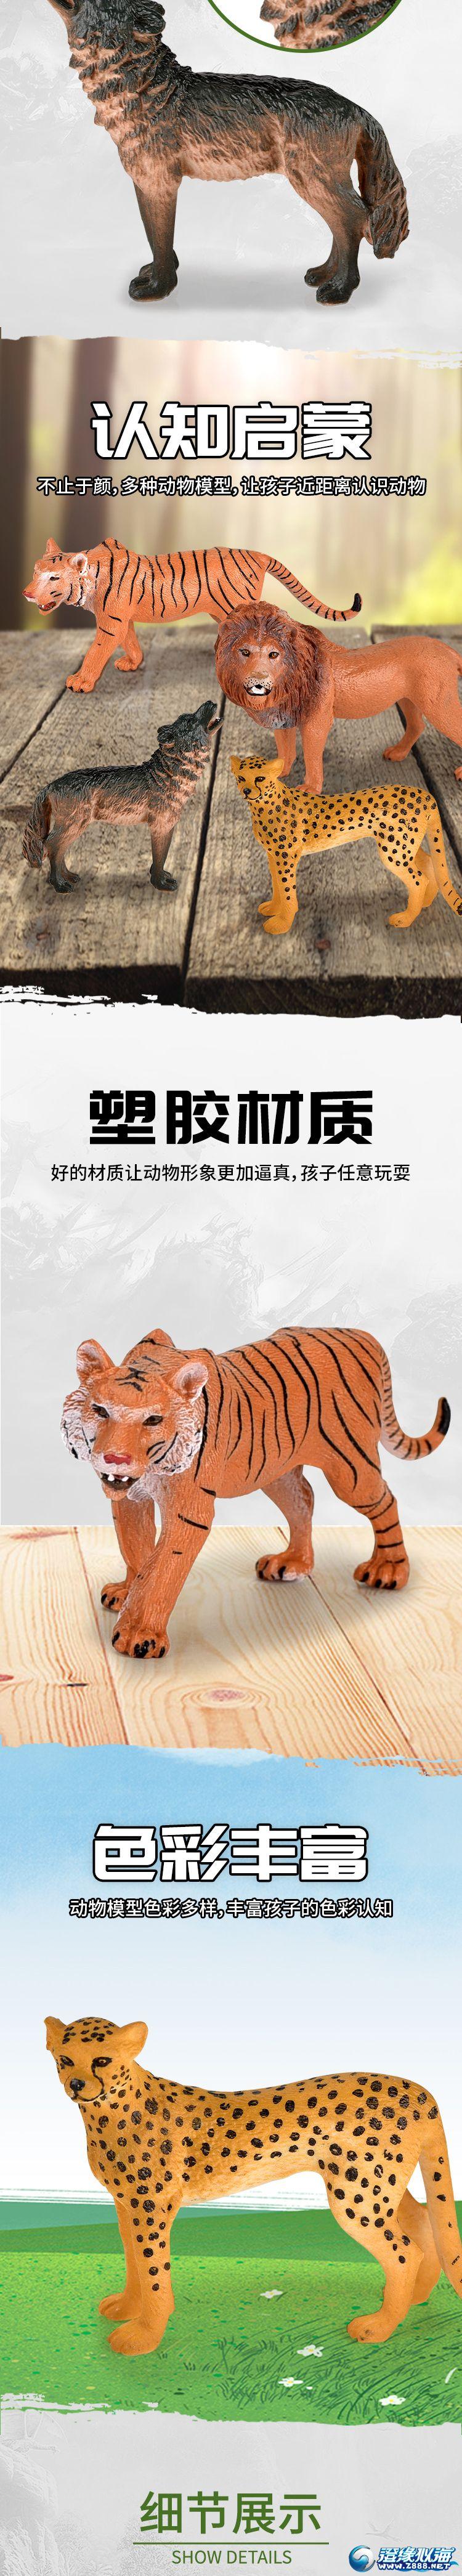 润东玩具厂-(1369A-1)-动物模型-中文版详情页_02.jpg